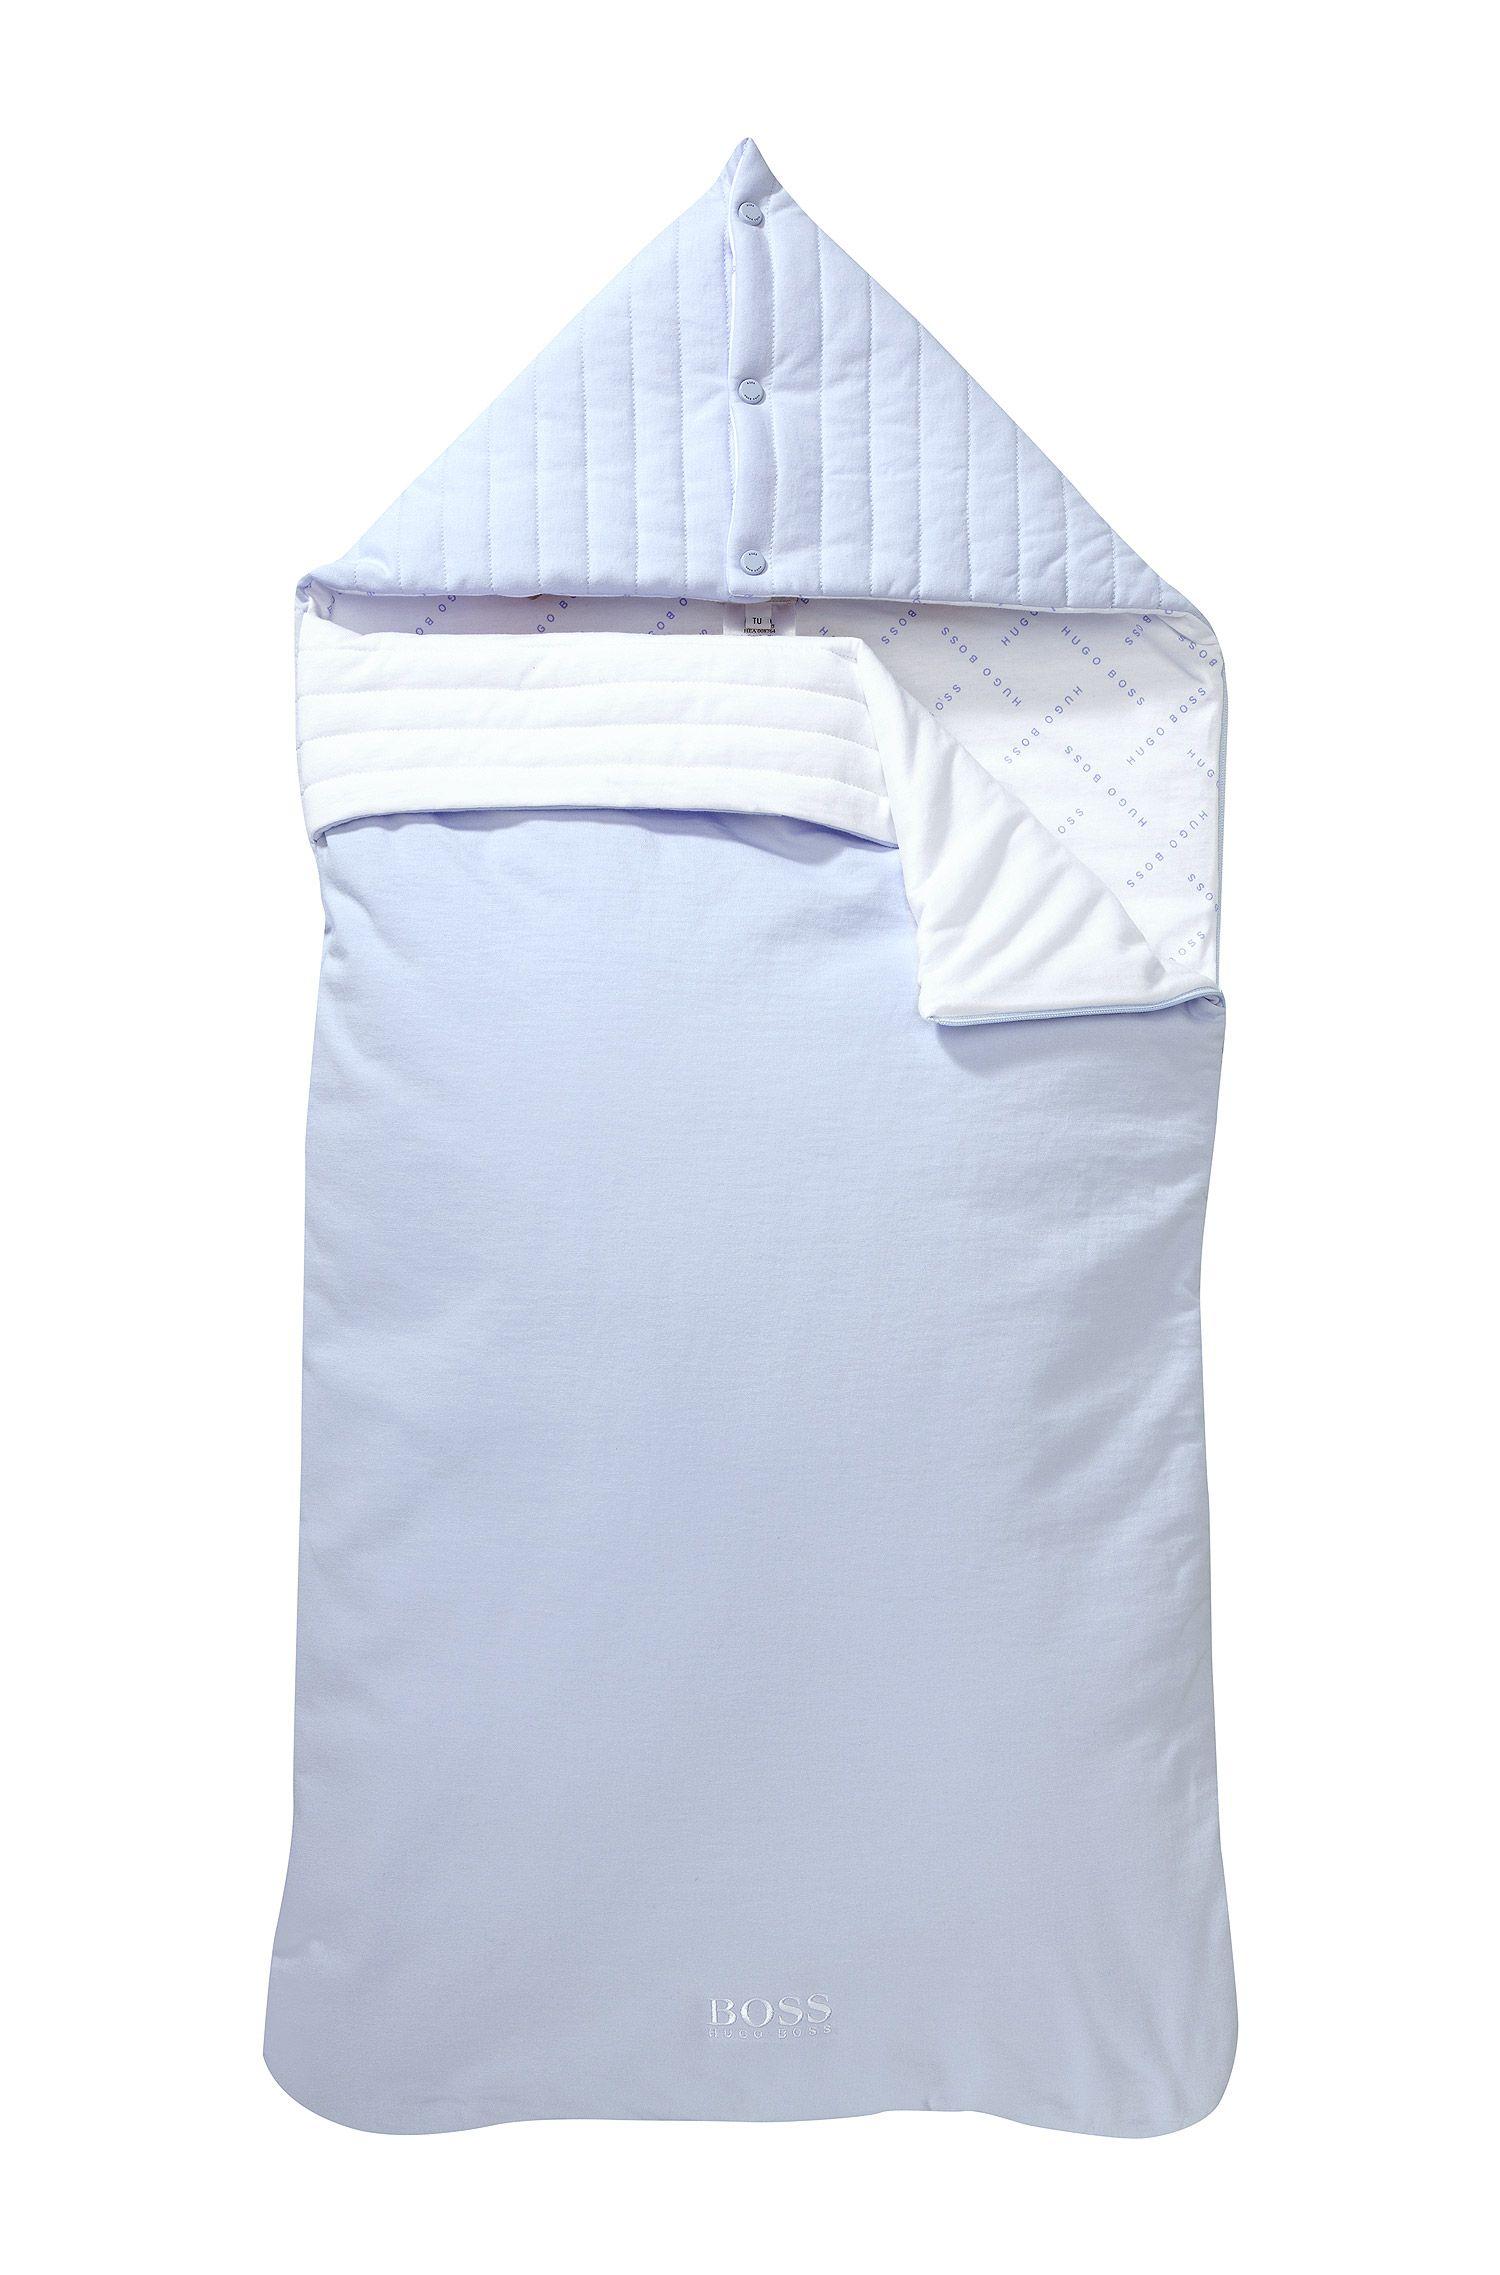 Kinderwagensack ´J90088` aus wattierter Baumwolle